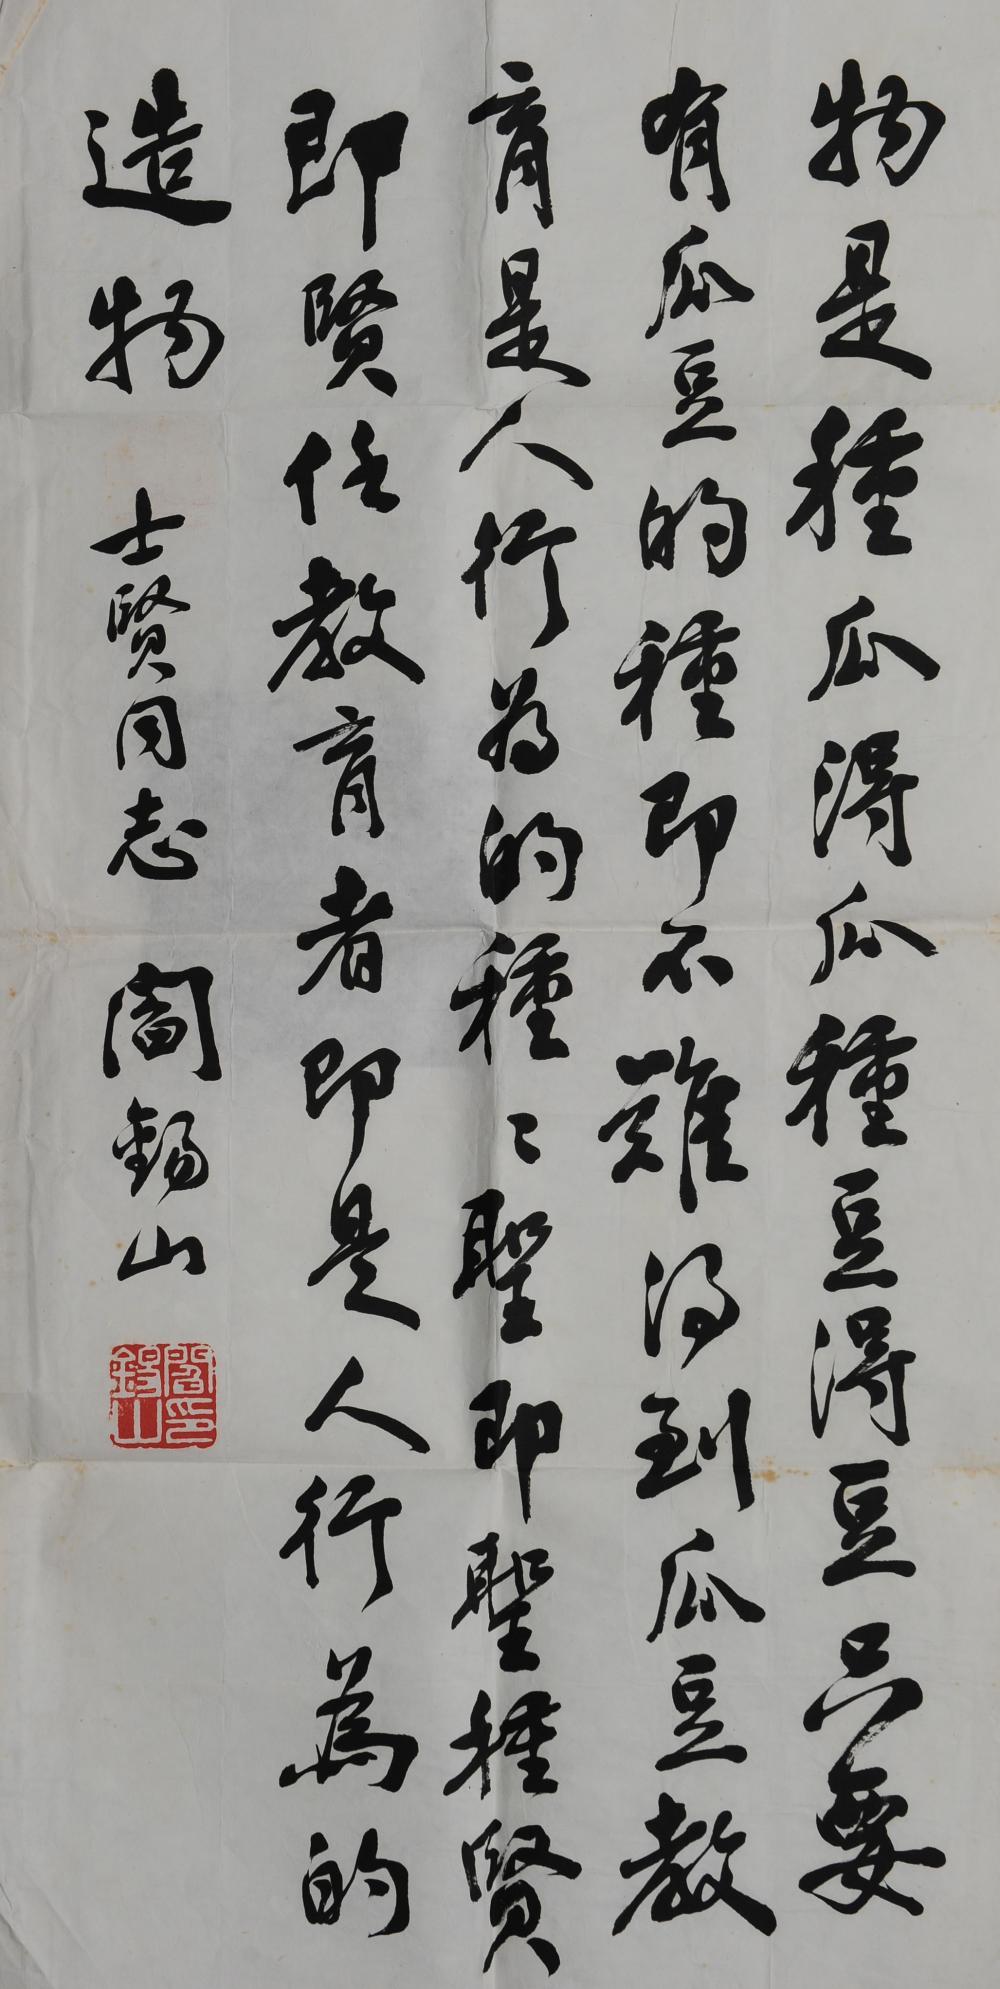 CALLIGRAPHY BY YAN XISHAN GIVEN TO ZHIXIAN